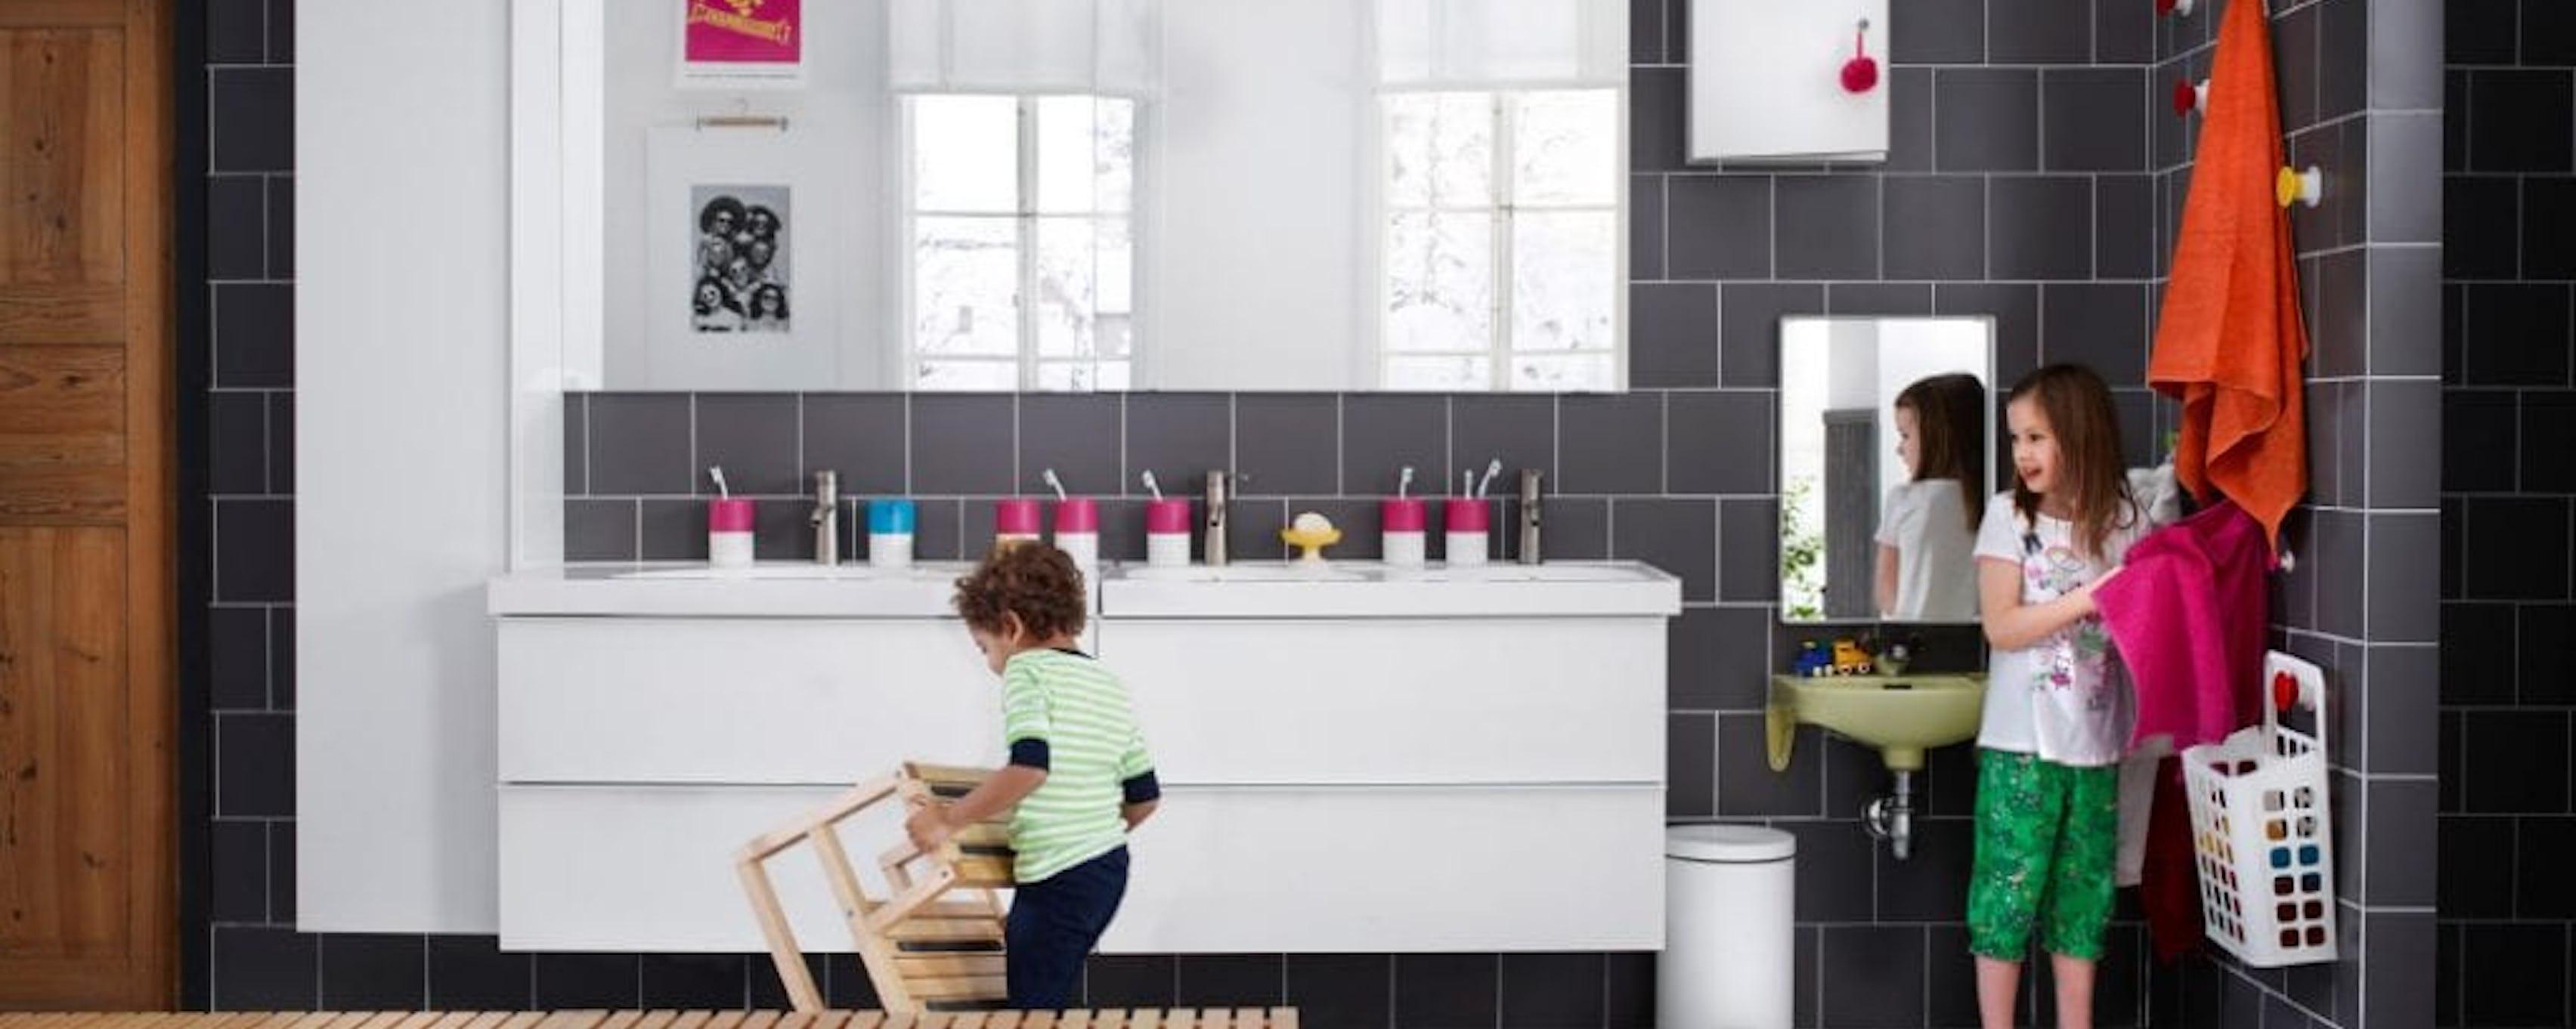 Idee Salle De Jeux Bebe salle de bain enfant : 15 idées d'aménagement pour toute surface